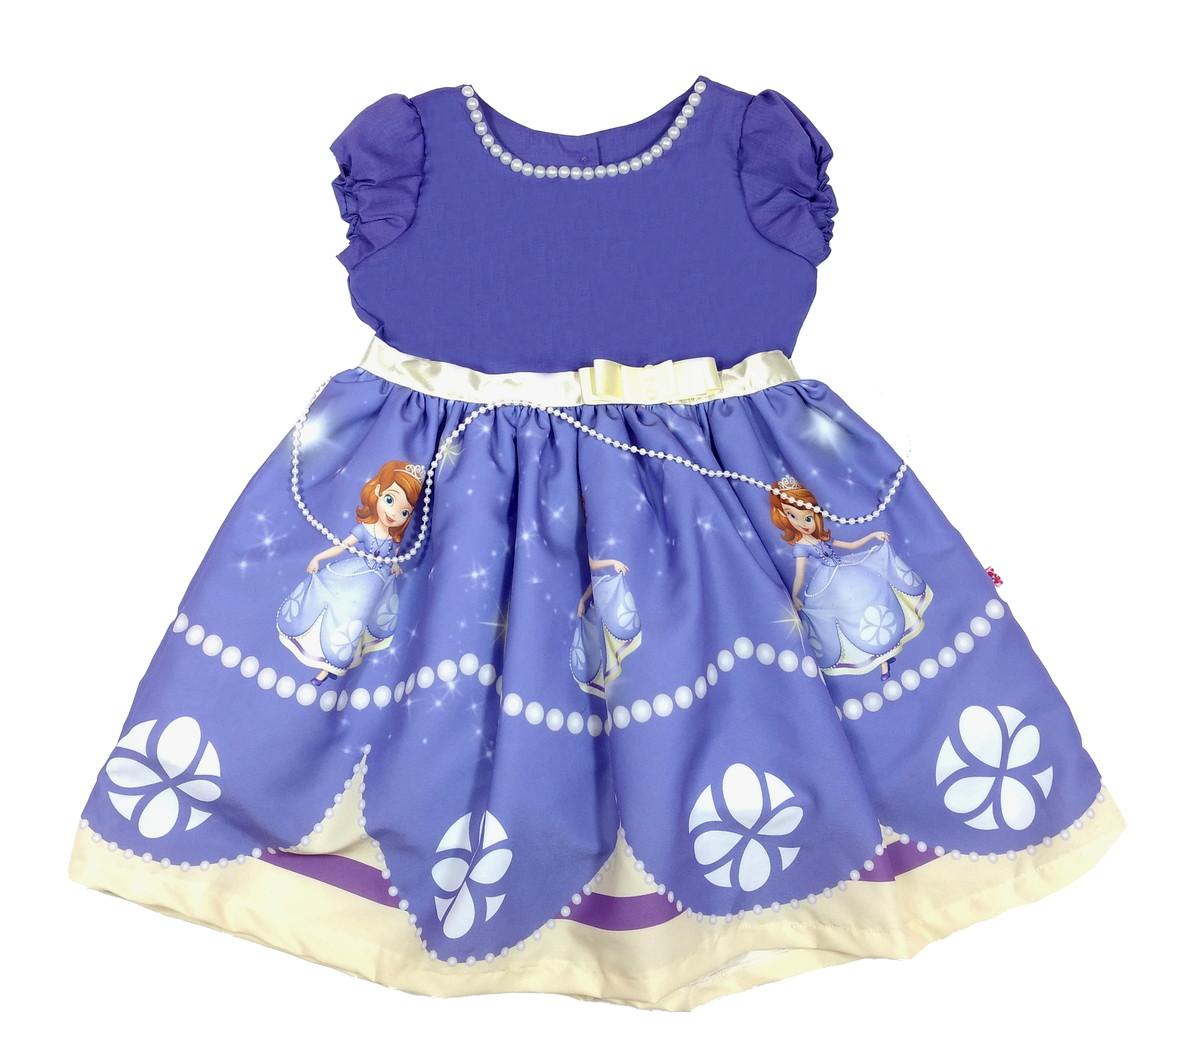 Vestido Princesa Sofia Luxo 1 6 Anos